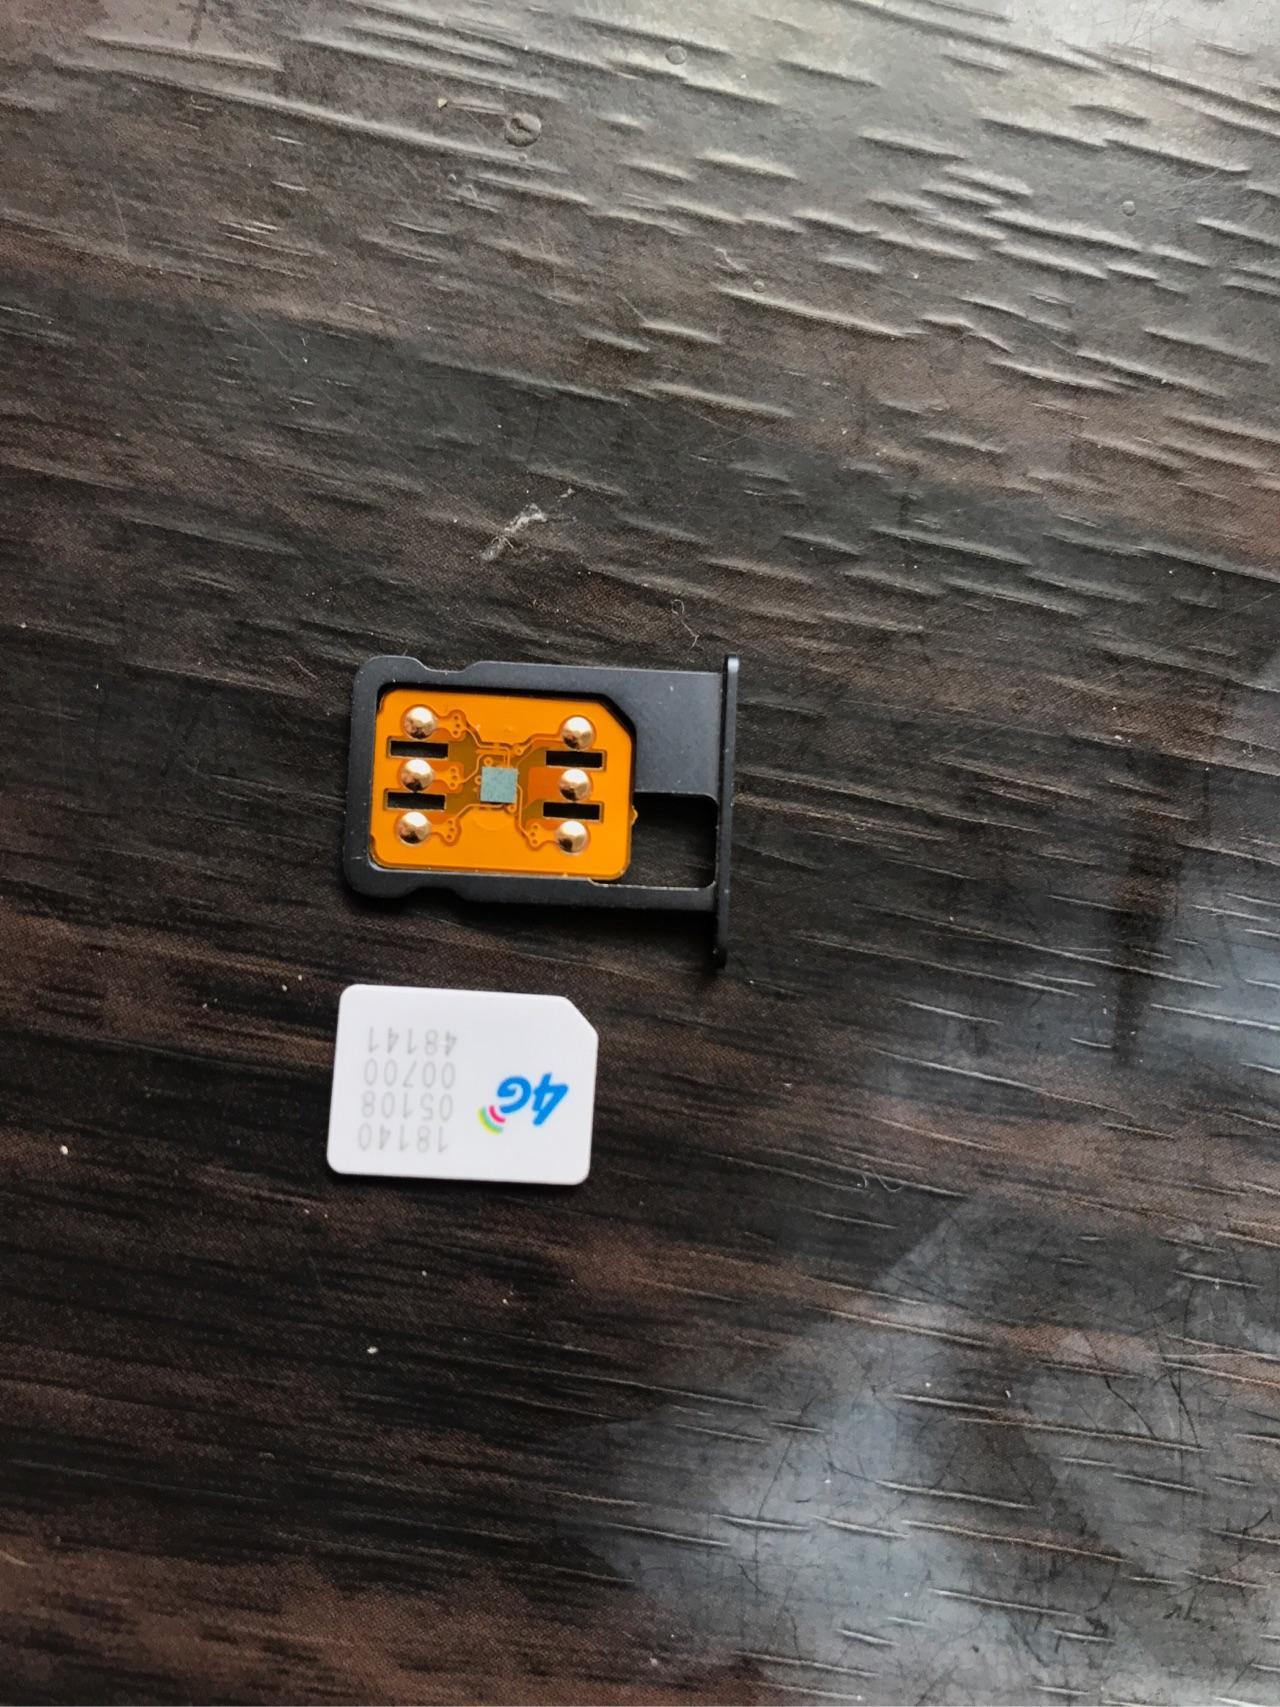 苹果手机价格_苹果的有锁卡贴机跟普通机有什么区别?可以选购吗? - 知乎